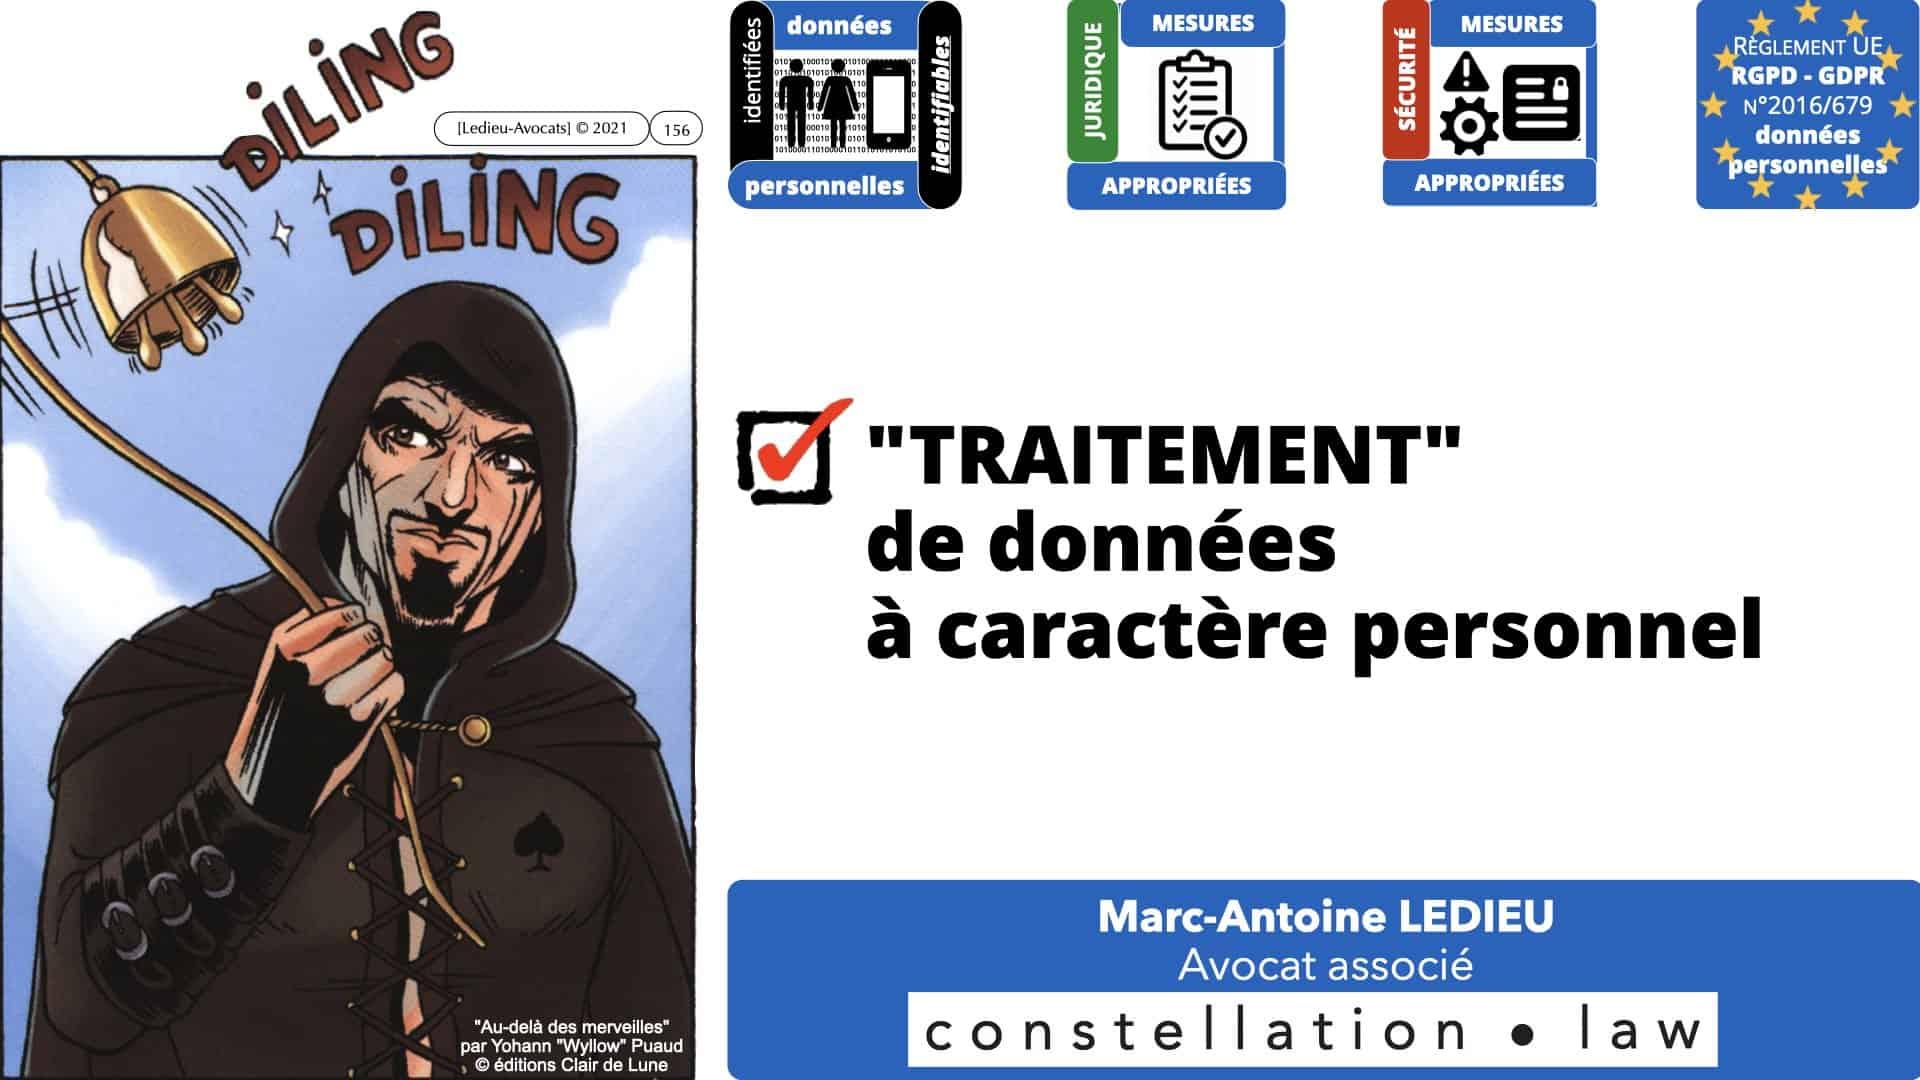 RGPD e-Privacy données personnelles jurisprudence formation Lamy Les Echos 10-02-2021 ©Ledieu-Avocats.156